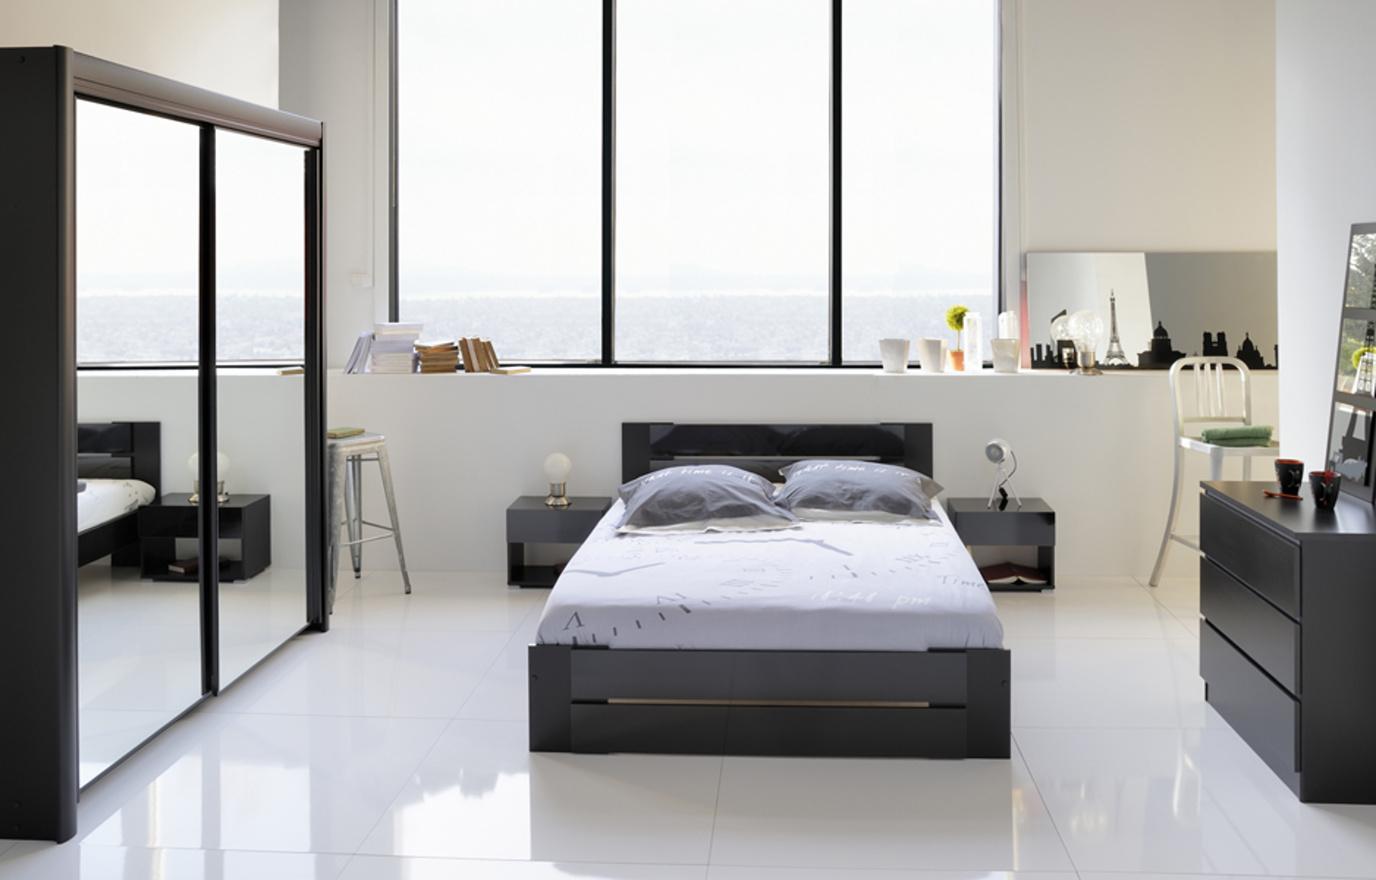 Schlafzimmer ikea gestalten: ikea bilderleiste ribba aufstellen ...